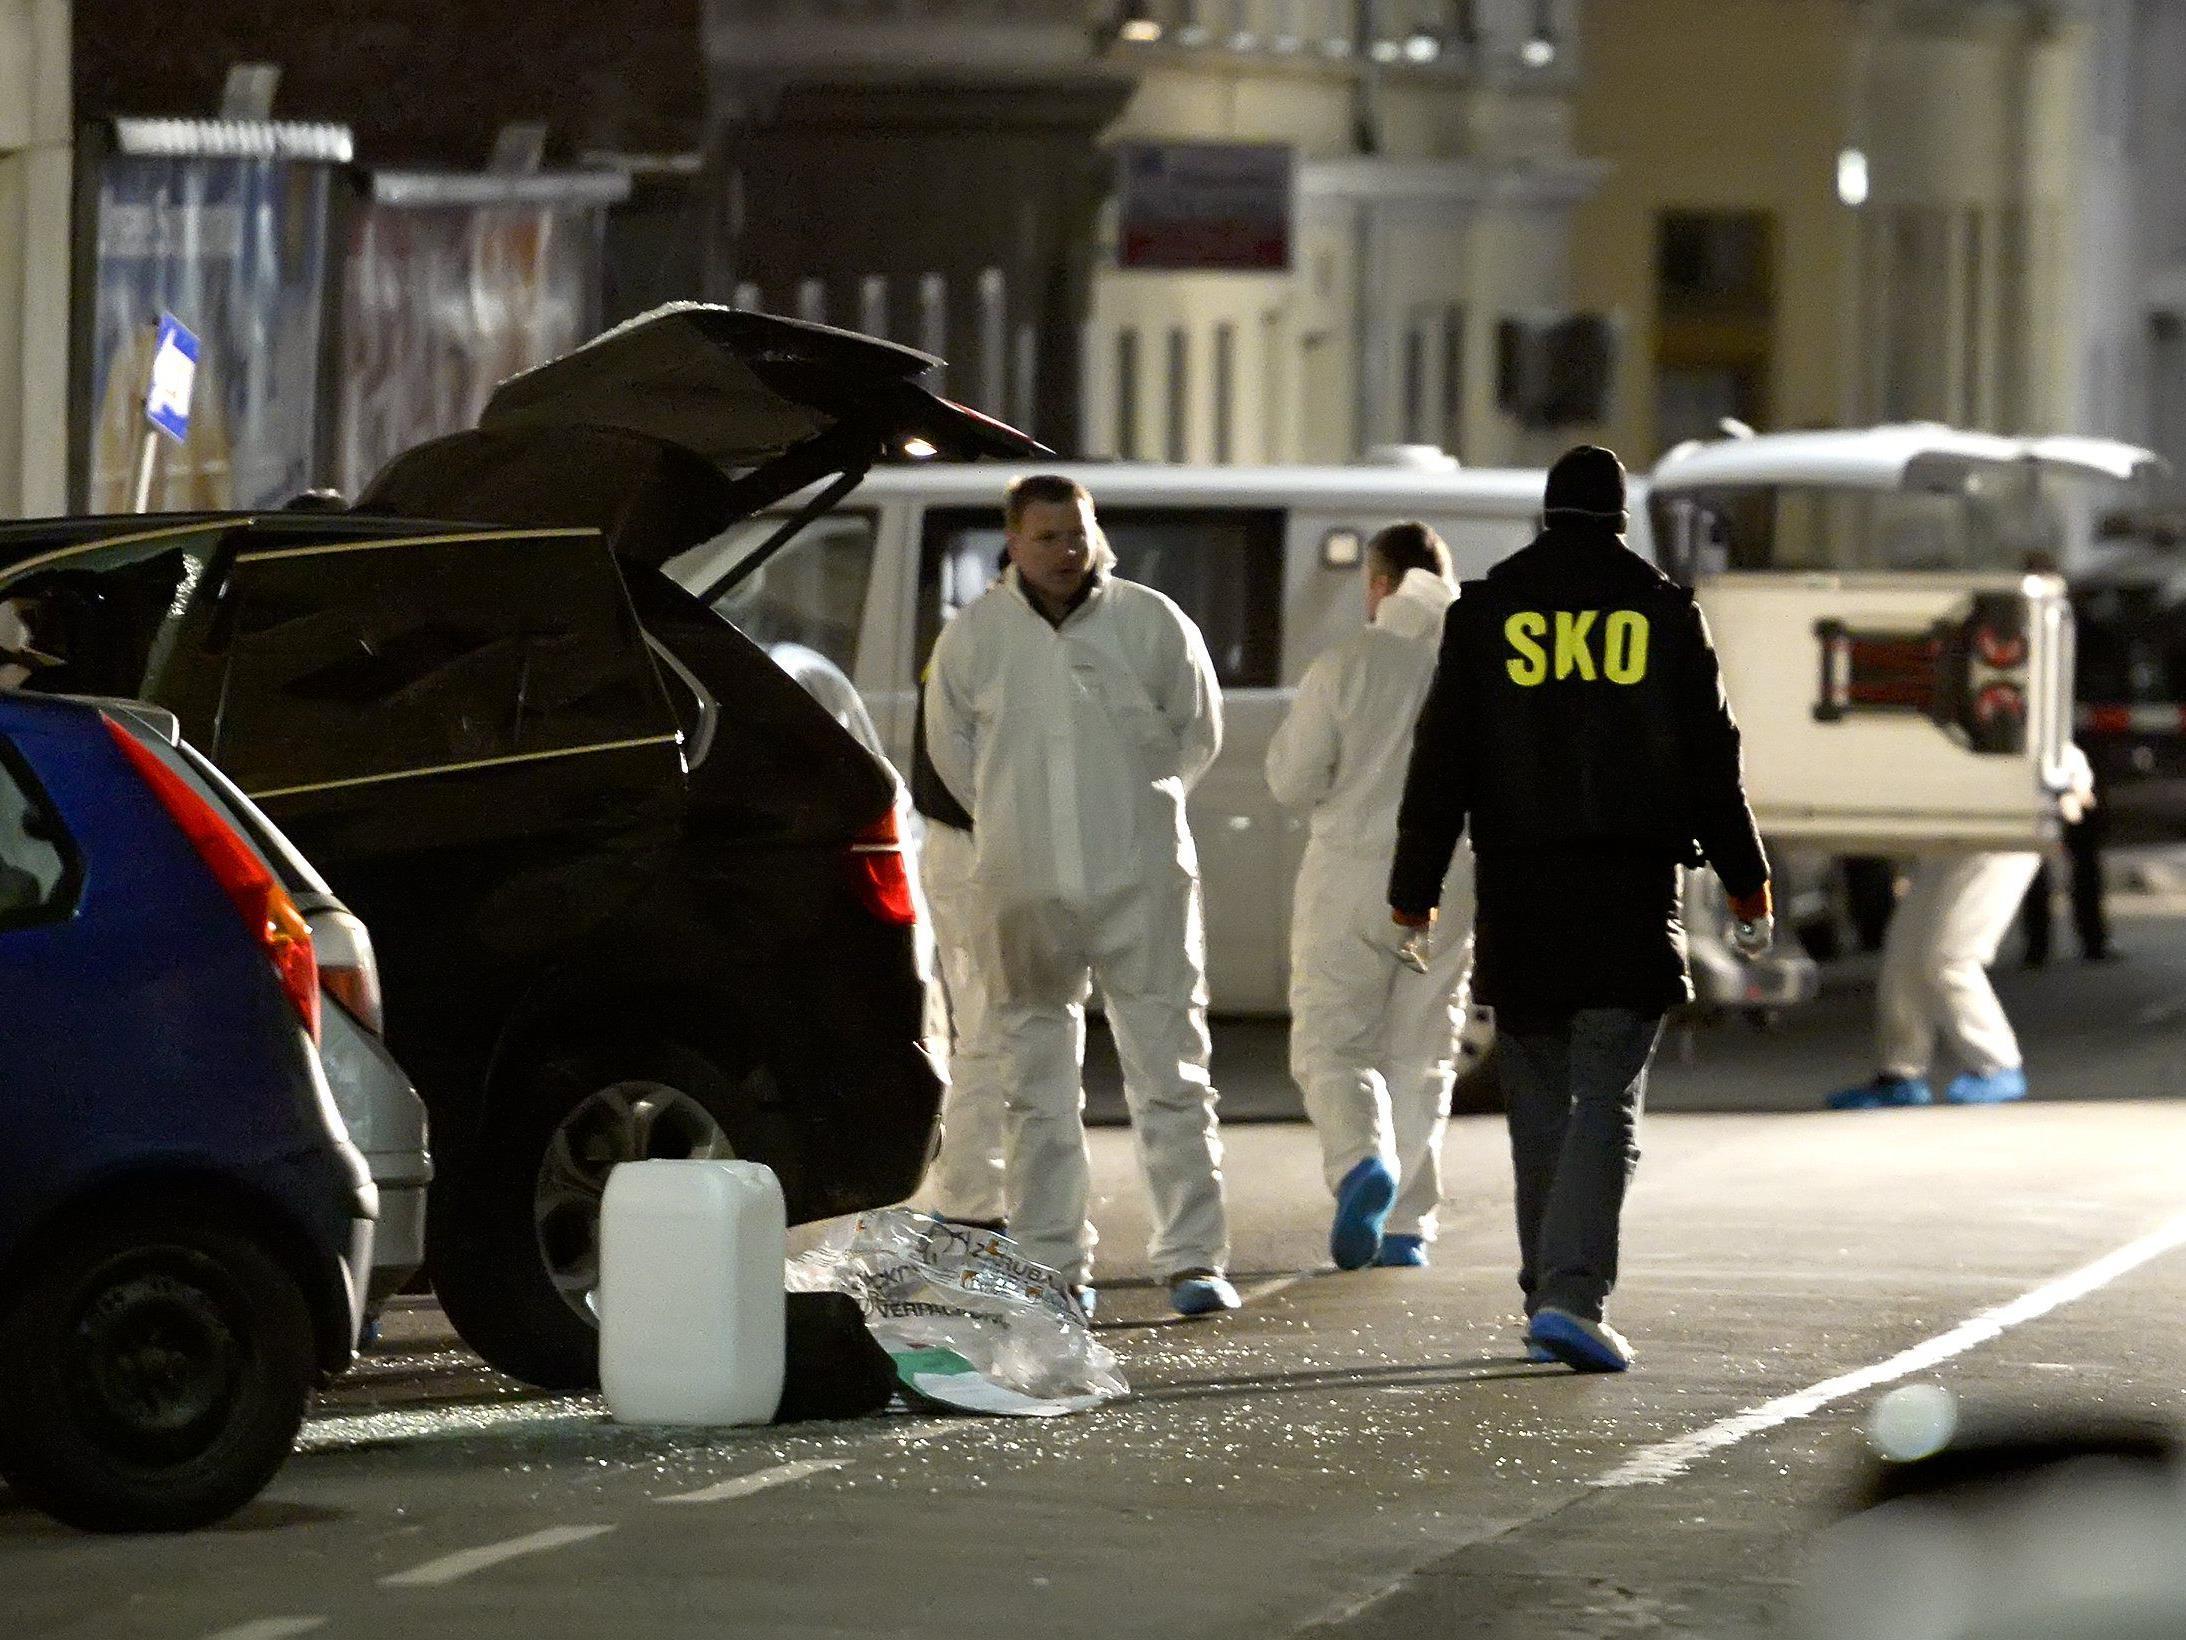 """Beim """"Handgranatenmord"""" im Jänner wurden zwei Menschen durch eine Explosion getötet."""